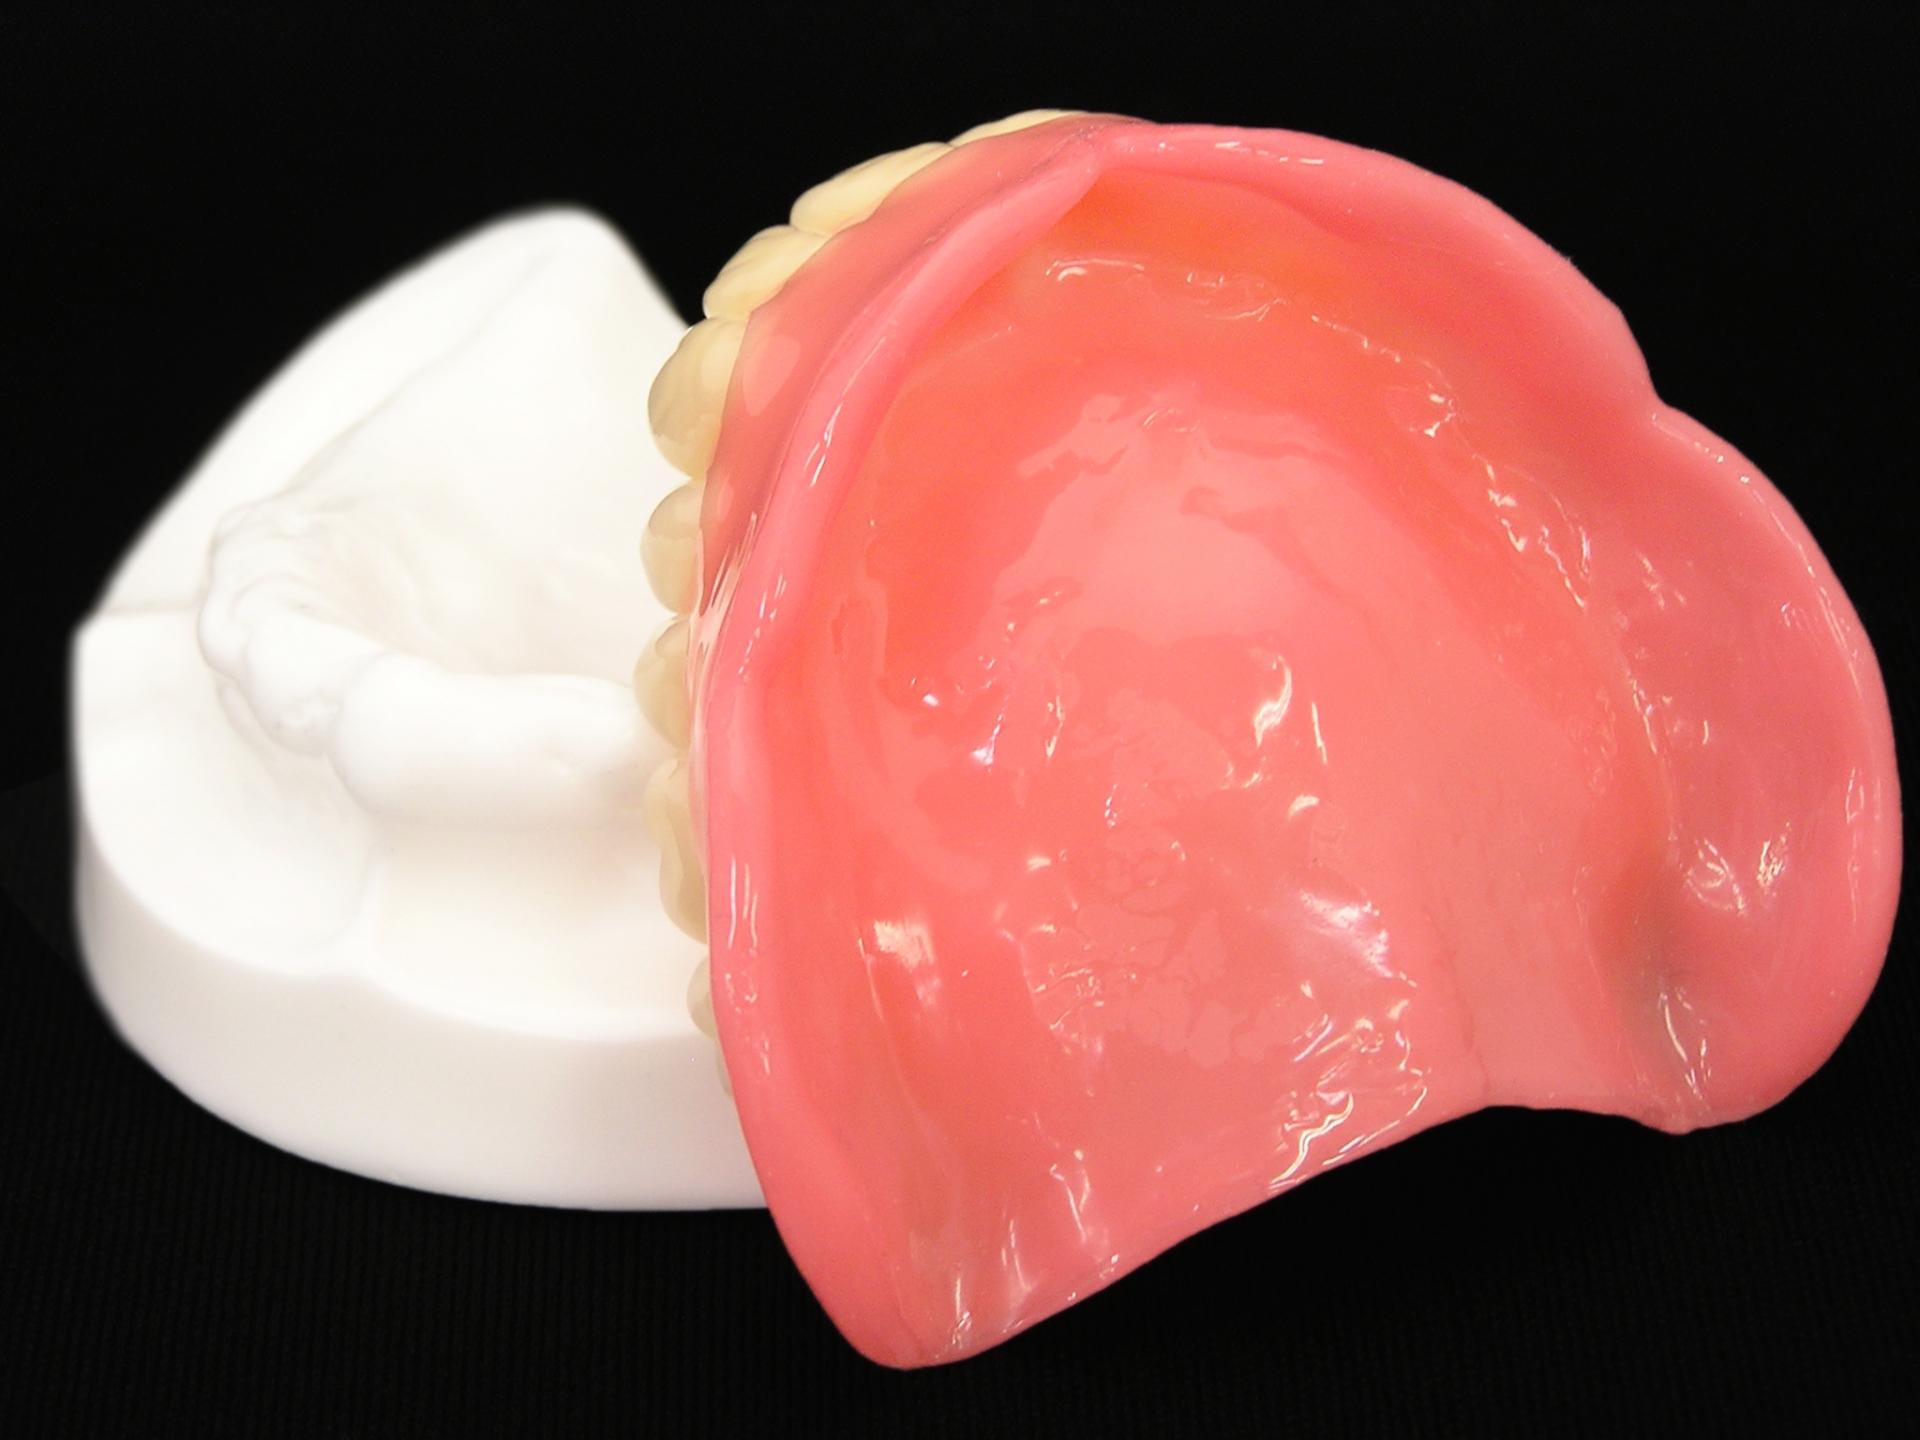 ブリッジや部分入れ歯は総入れ歯になる確率が高い